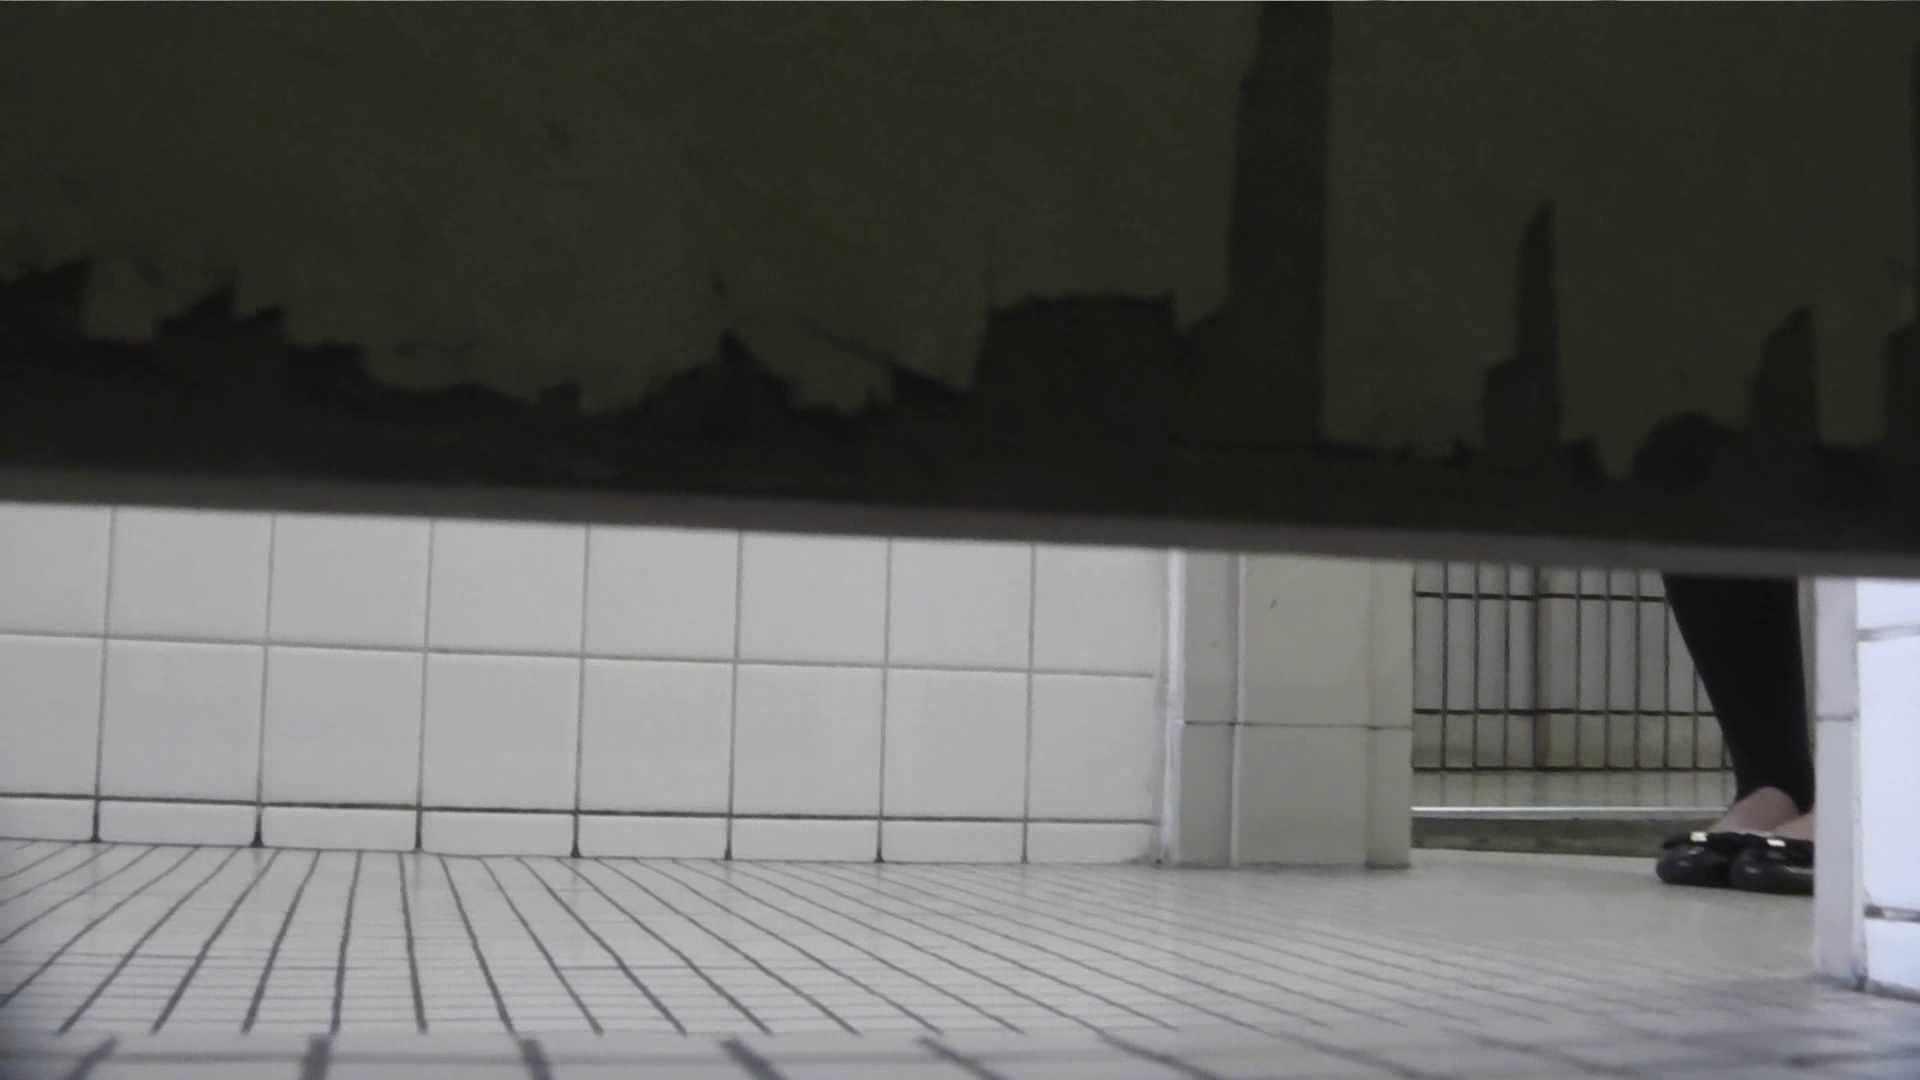 【美しき個室な世界】 vol.018 ピンクのおネエタン 洗面所  82pic 62